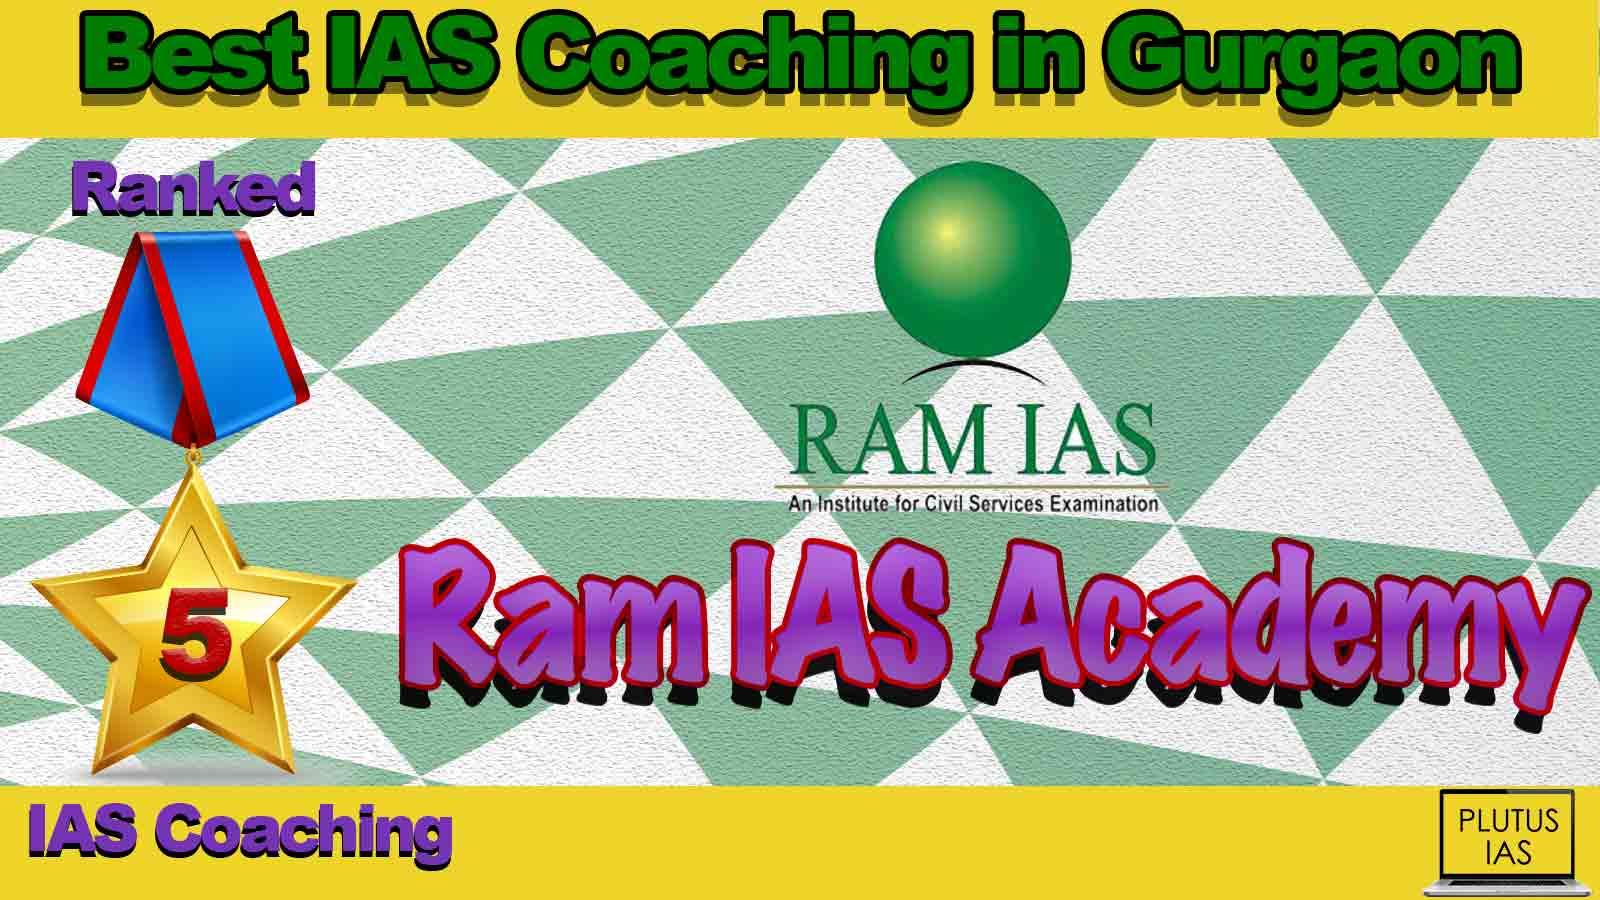 Top IAS Coaching in Gurgaon